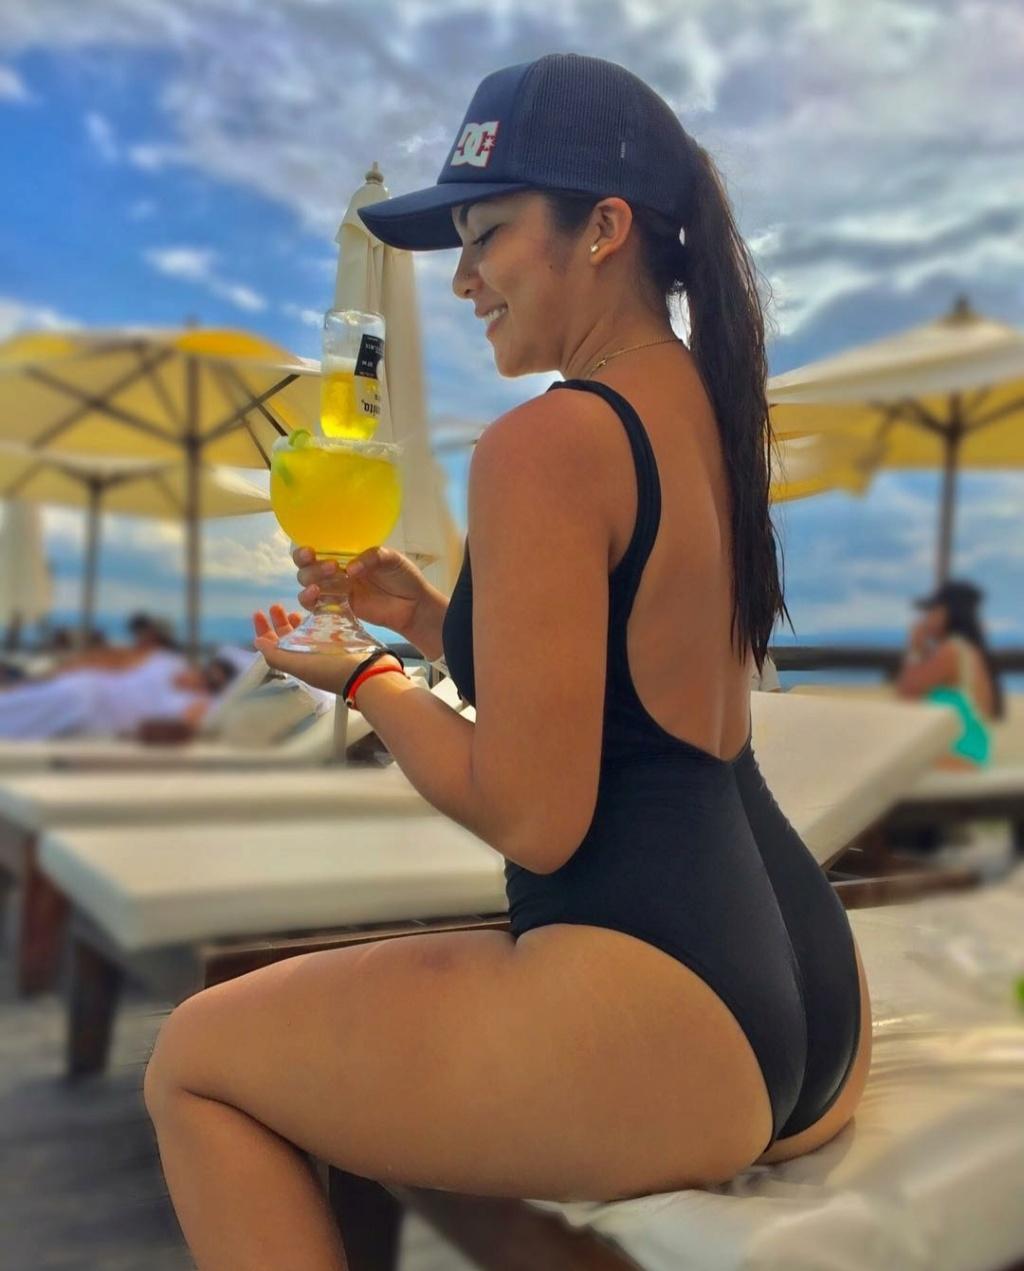 DEBATE sobre belleza, guapura y hermosura (fotos de chicas latinas, mestizas, y de todo) - VOL II - Página 5 Img_1153